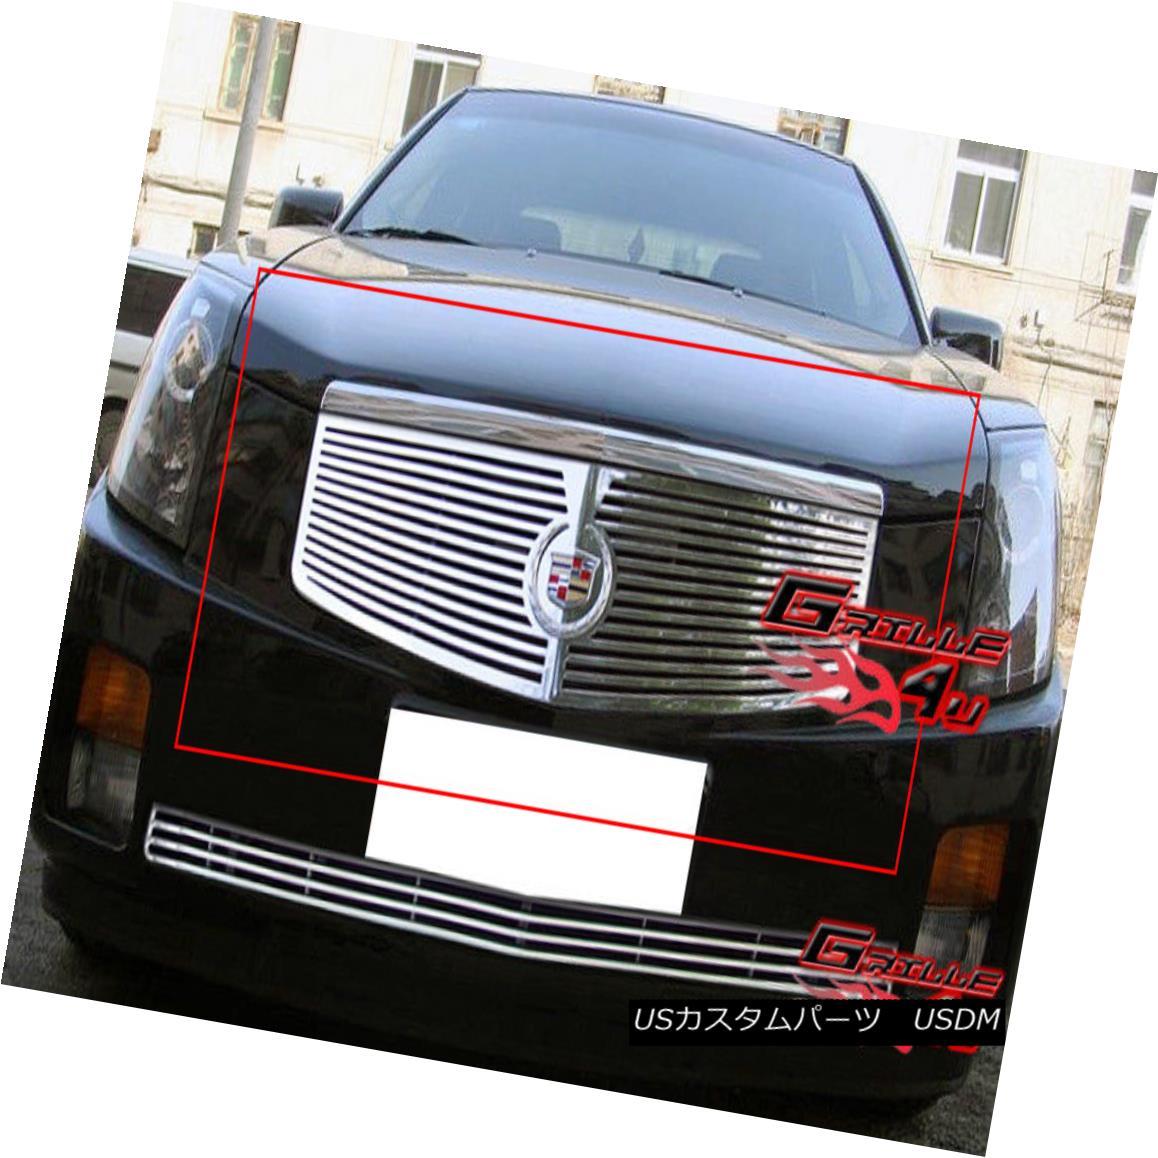 グリル For 03-07 Cadillac CTS Perimeter Grille Insert 03-07キャデラックCTSペリメーターグリルインサート用